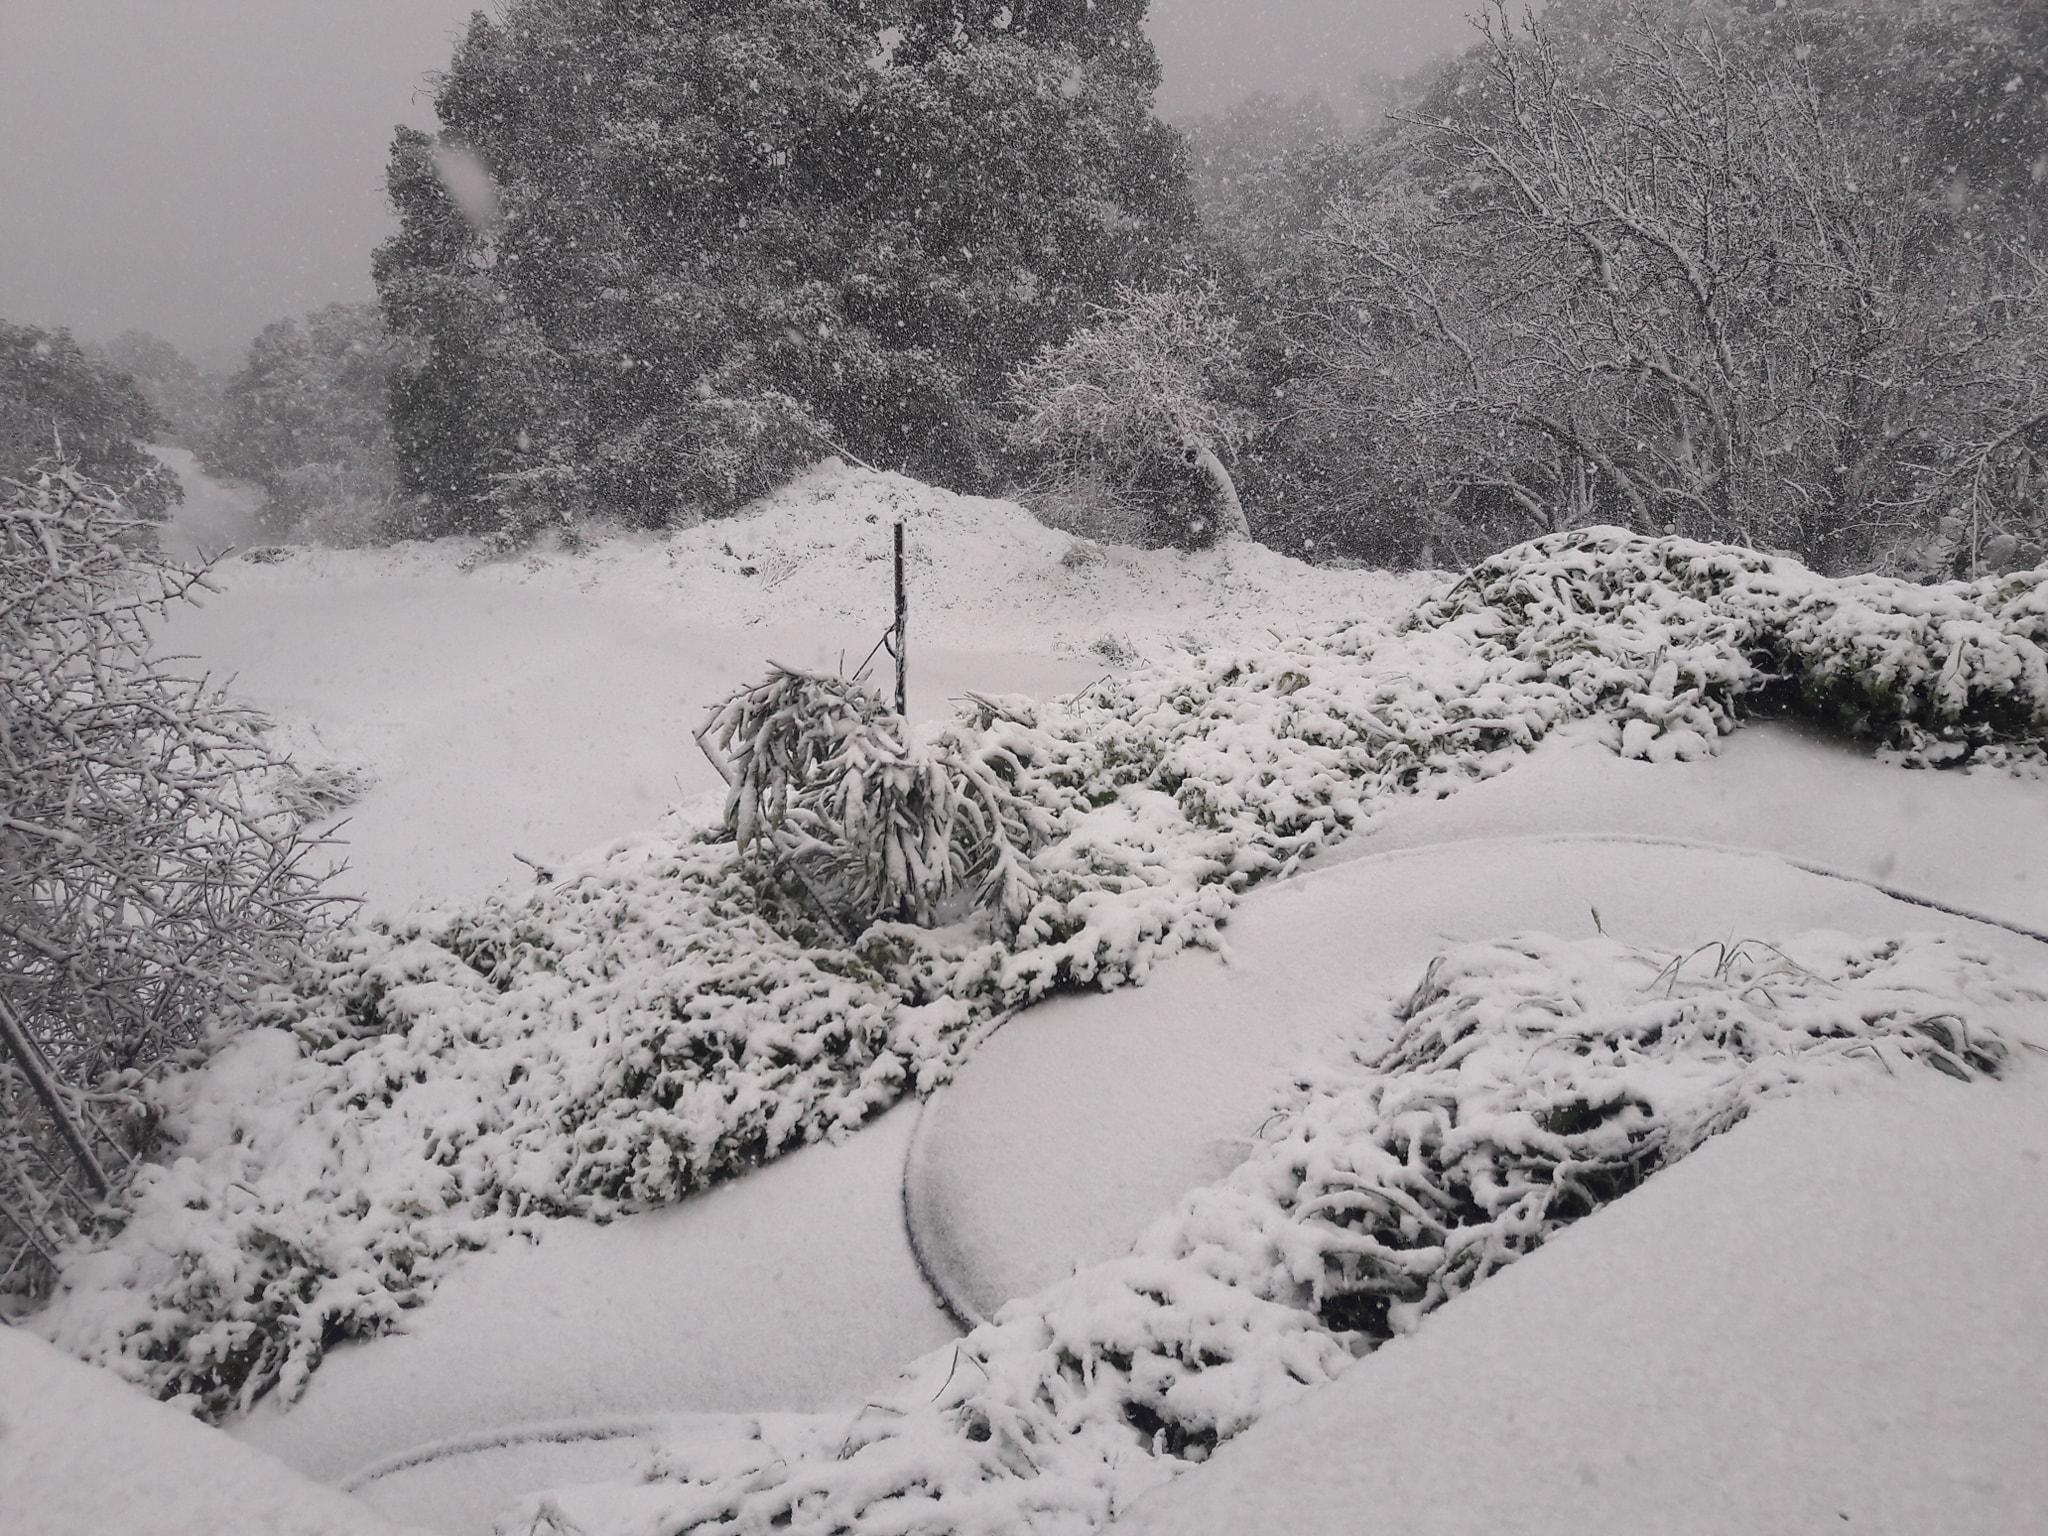 Αναγγελία ζημιάς από Ανεμοθύελλα & Χιονόπτωση στο Δήμο Πλατανιά